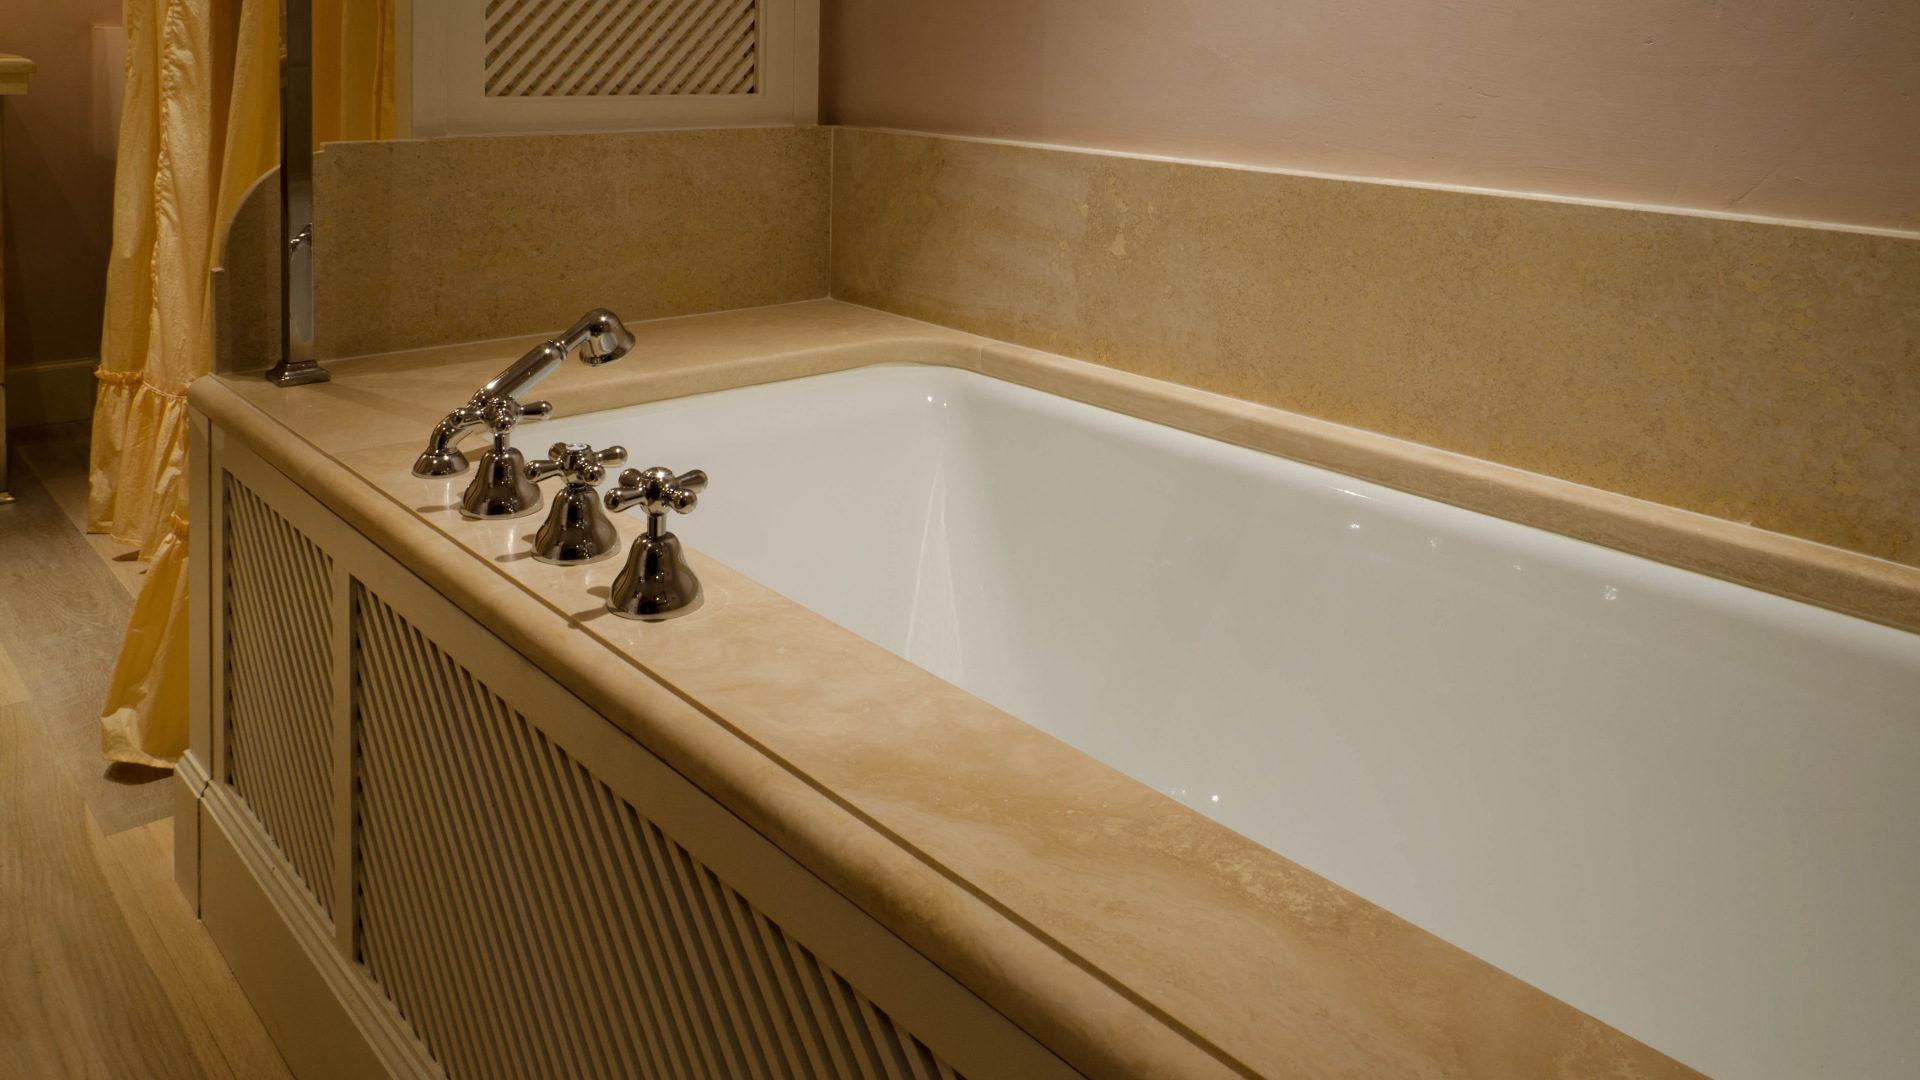 Vasca da bagno in pietra naturale prezzi elegante bagni in pietra naturale vasca da bagno le - Piatto doccia triangolare ...